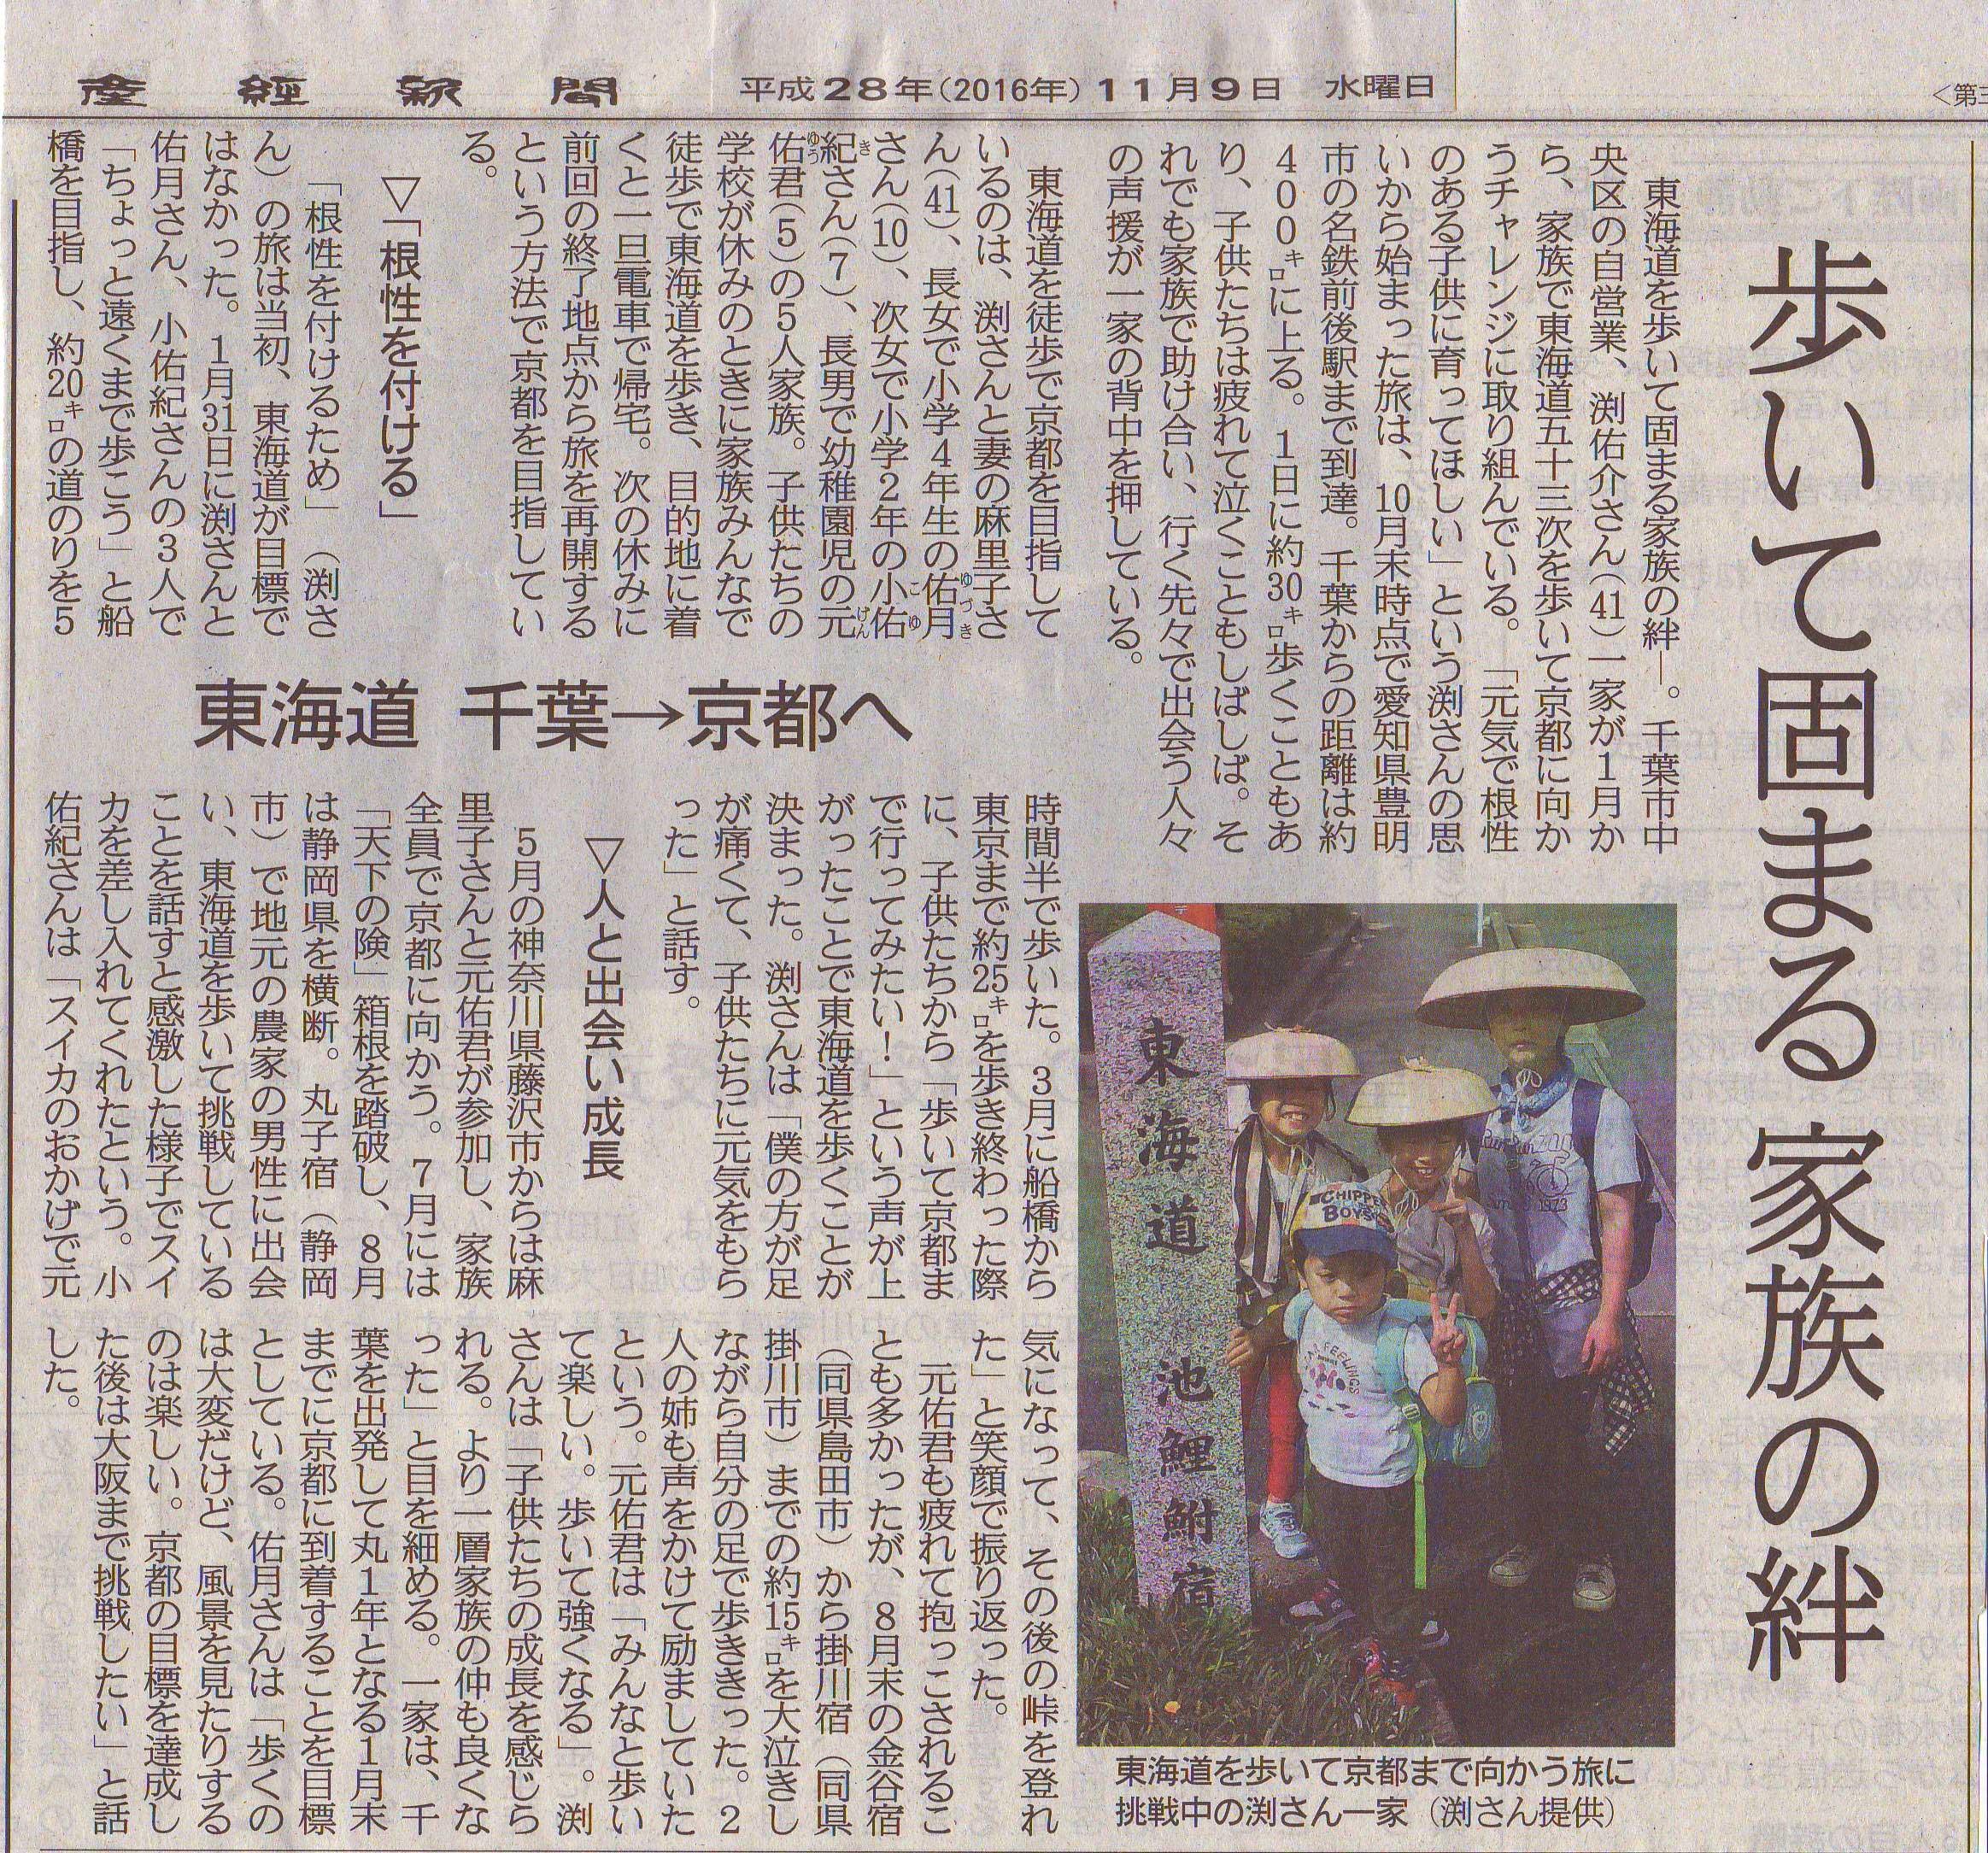 産経新聞「歩いて固まる家族の絆」掲載されました。